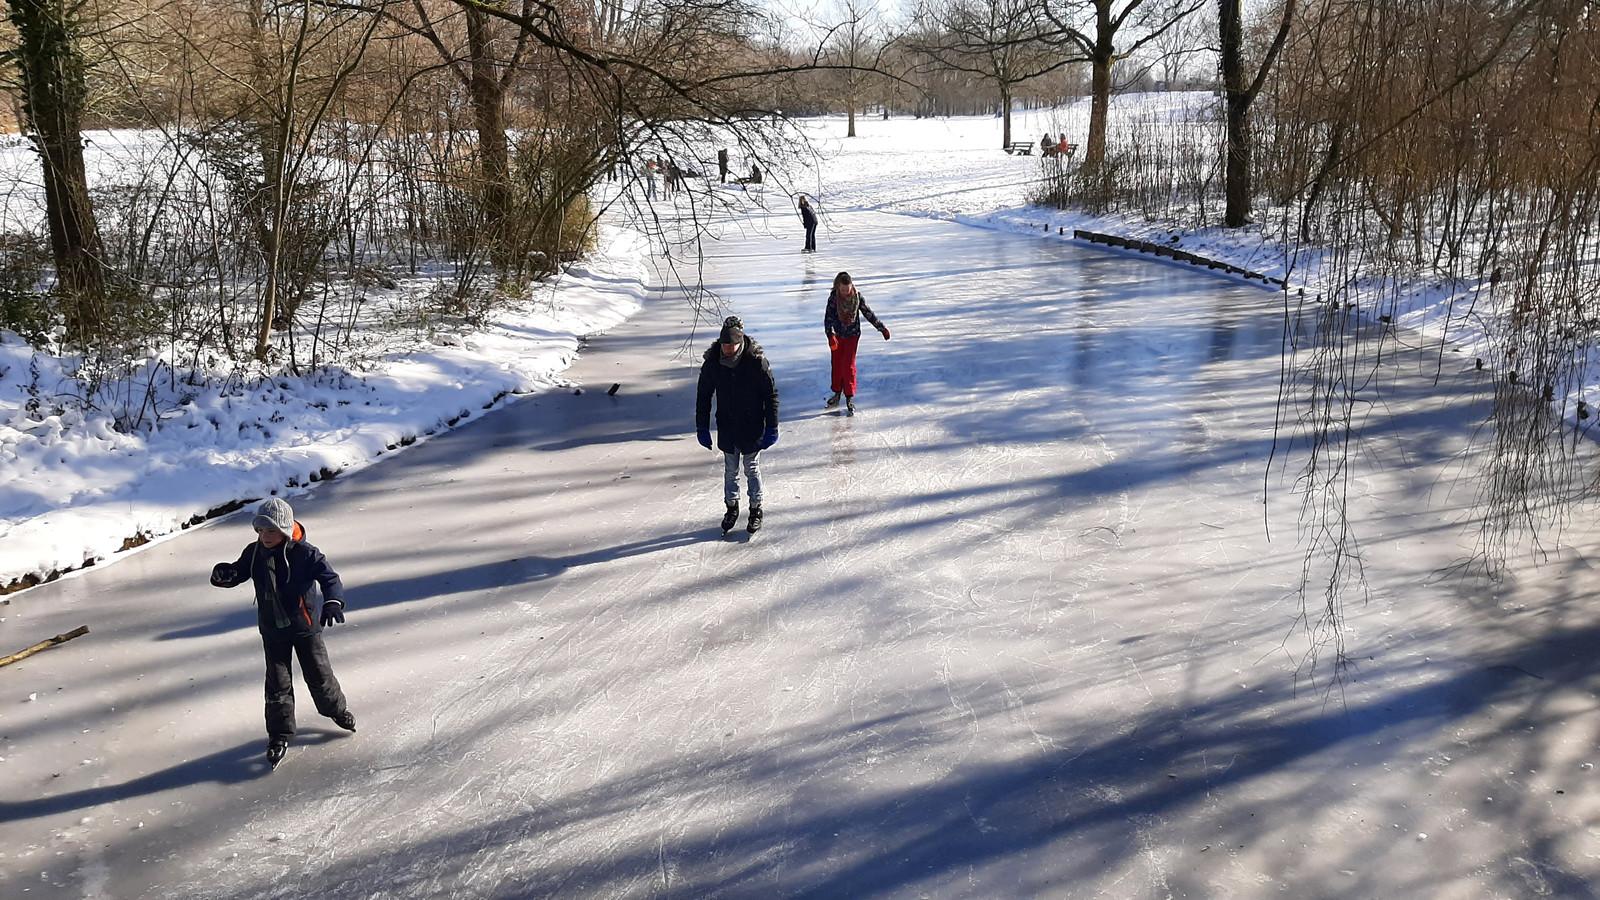 Wie het ijs op de Immerlooplas te riskant vindt, kan terecht op een van de sloten in het belendende Park Immerloo.